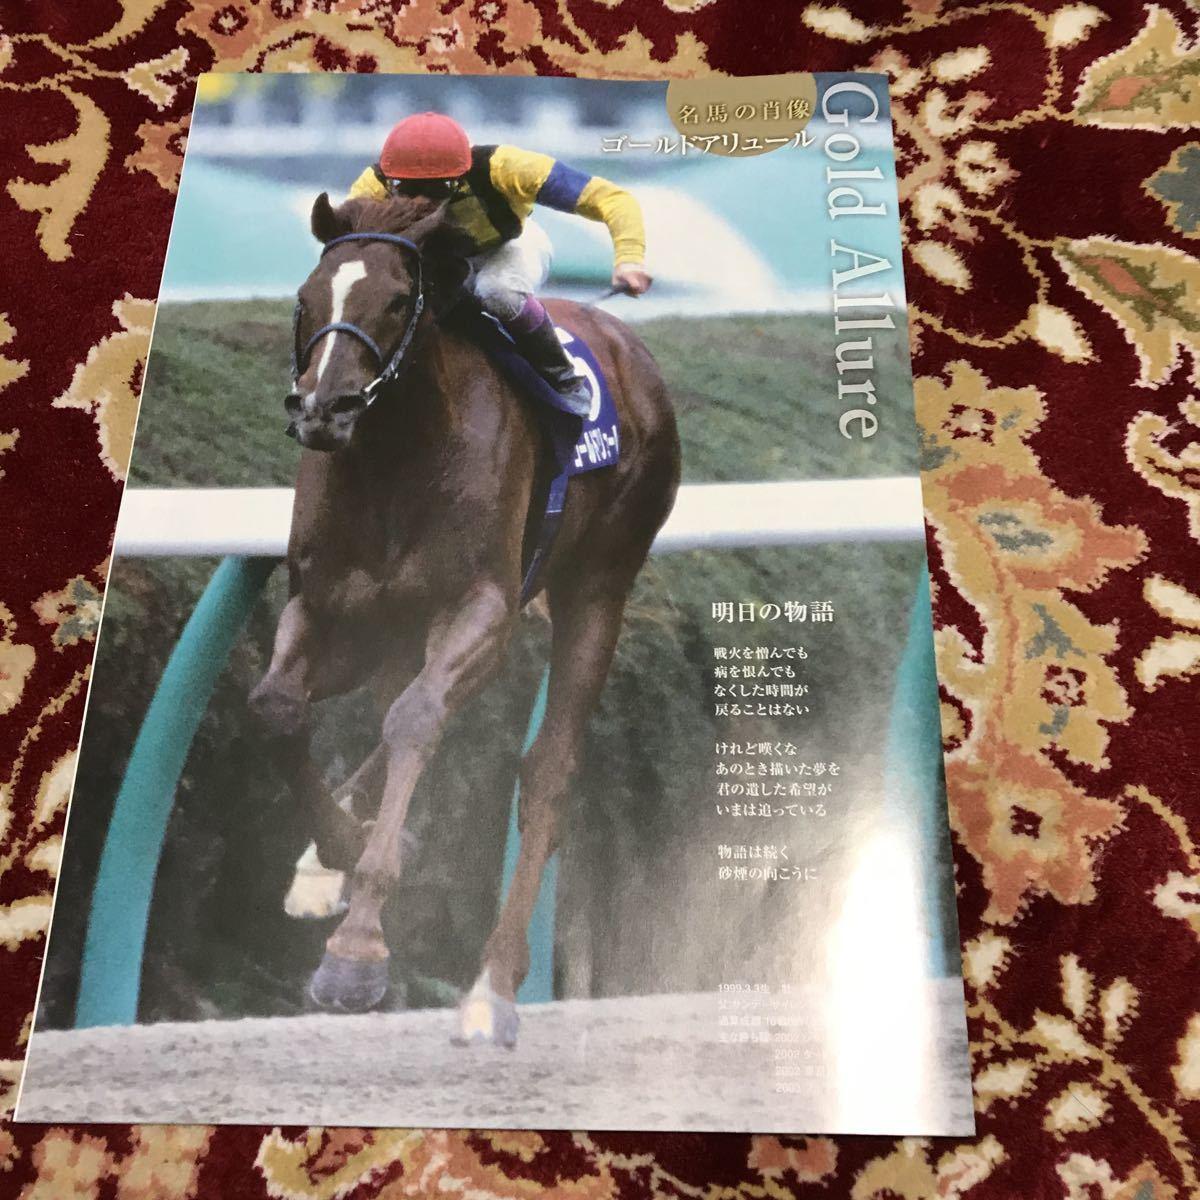 JRAレーシングプログラム2019.2.16、ダイヤモンドステークス(GⅢ)、京都牝馬ステークス(GⅢ)_画像2